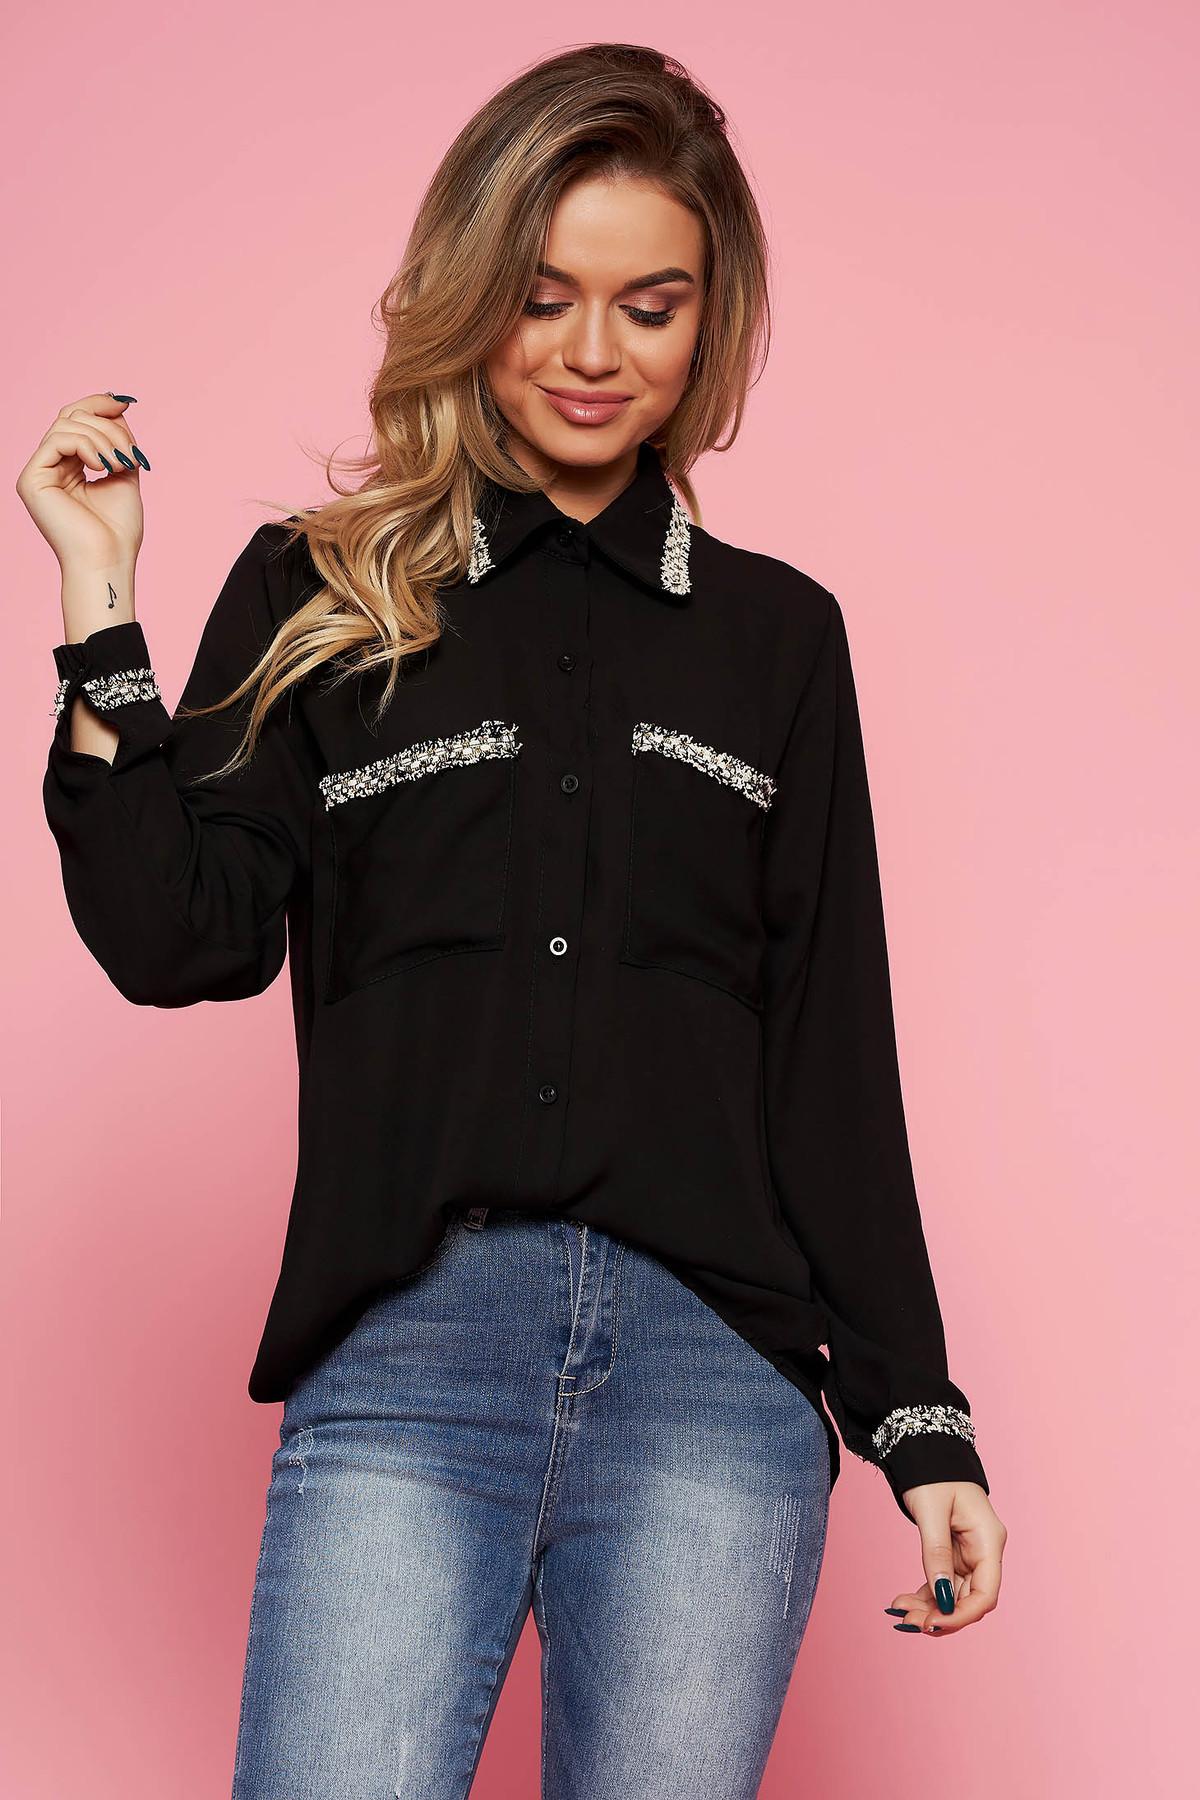 e15a619e58 Fekete SunShine elegáns bő szabású női ing fátyol anyag hosszú ujjak